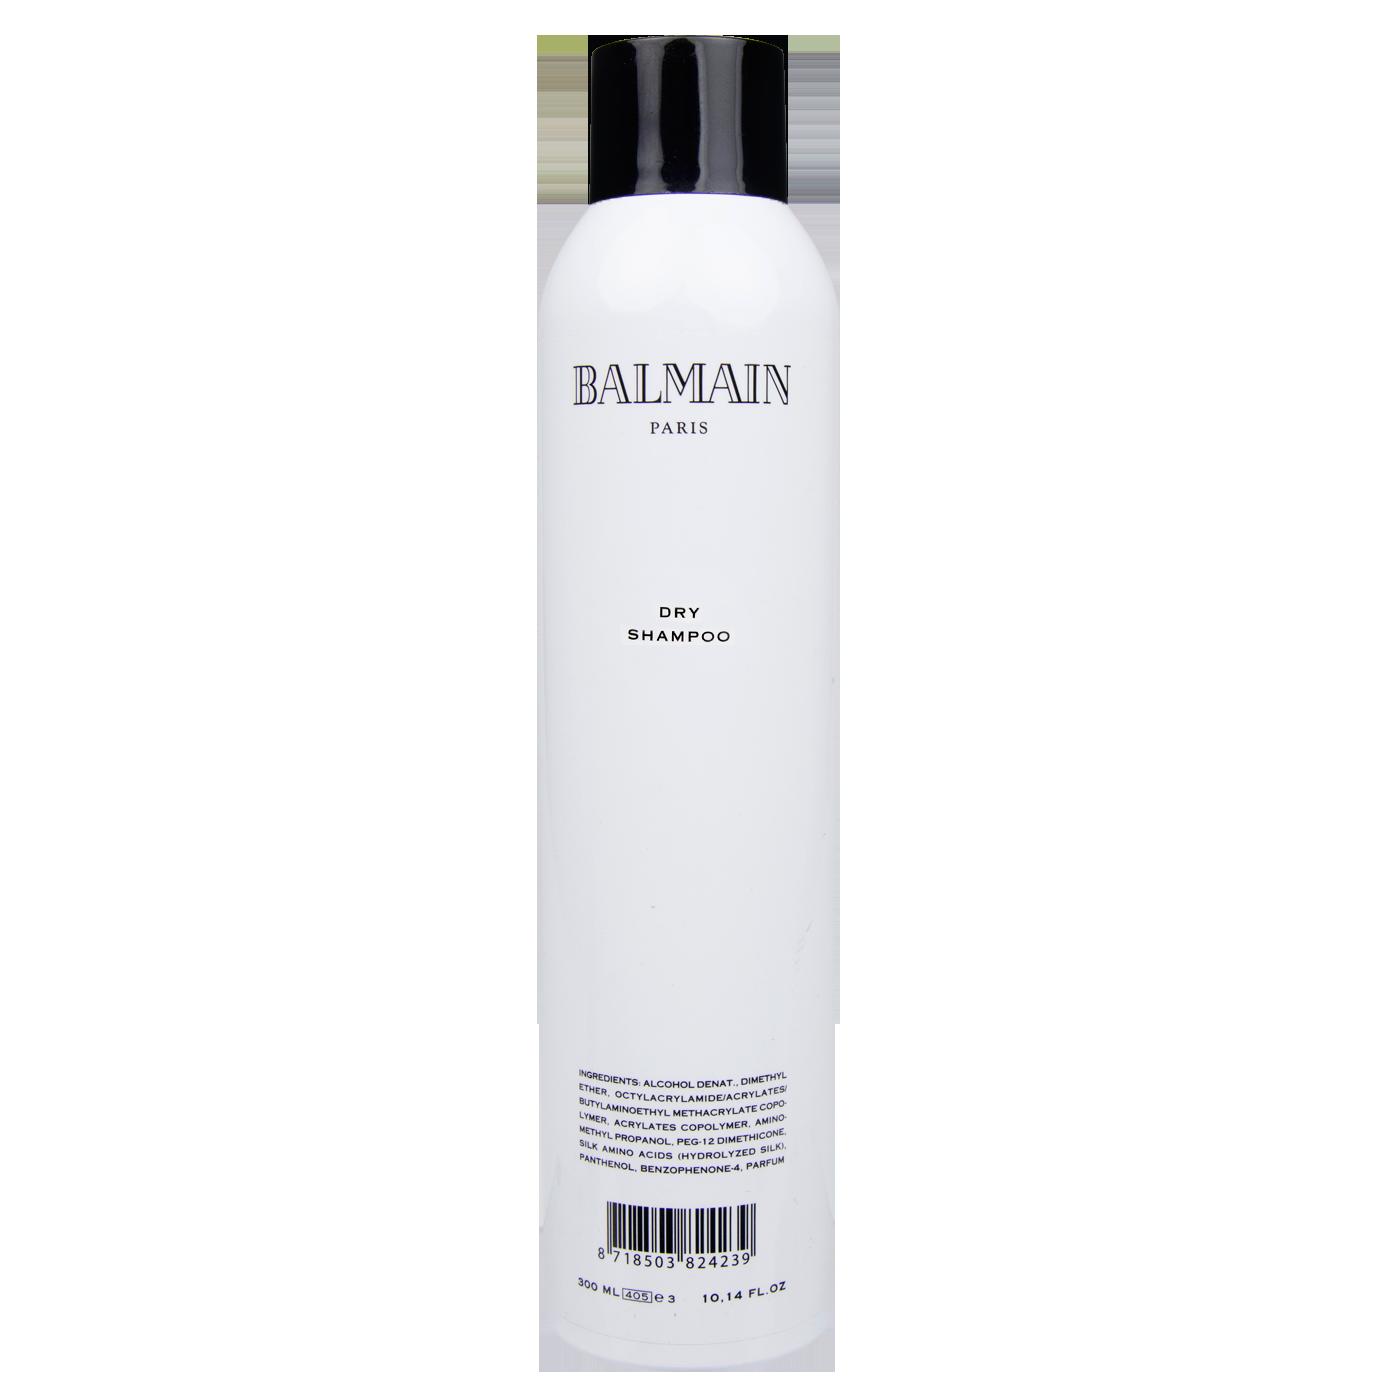 Balmain Dry Shampoo 300 ml | Shampoo en Seco